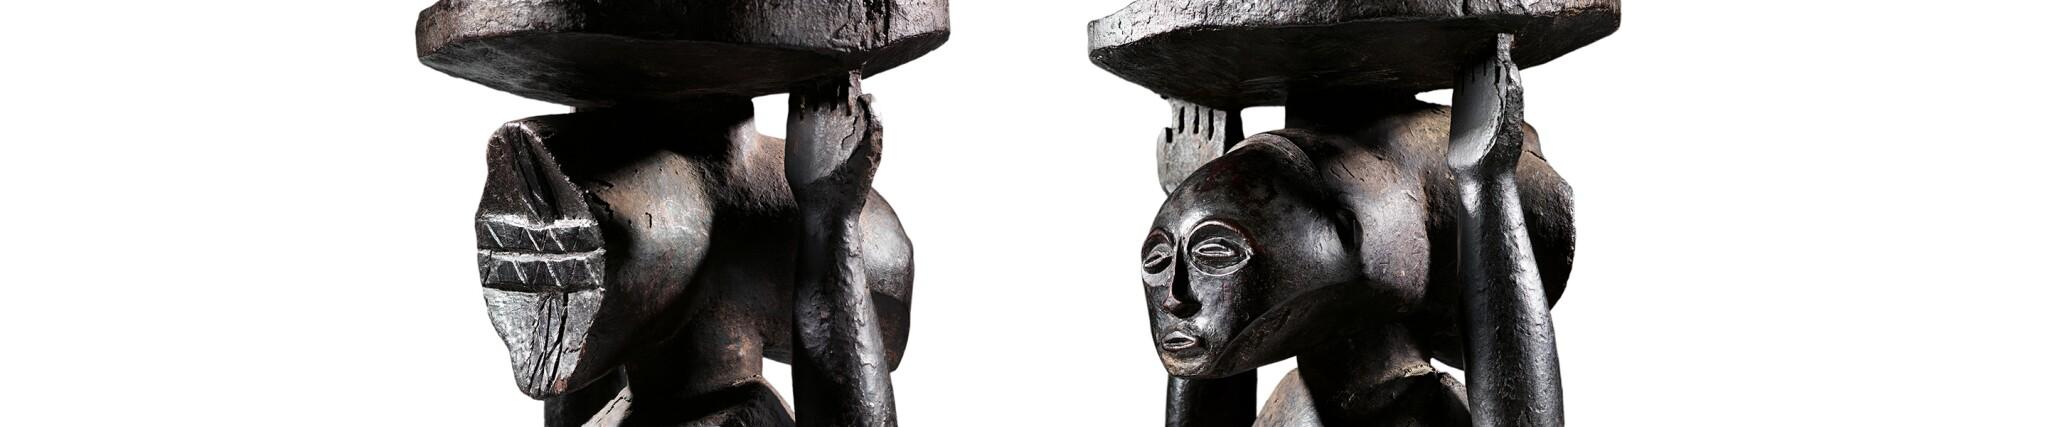 Sculpture : Afrique, Océanie, Amériques